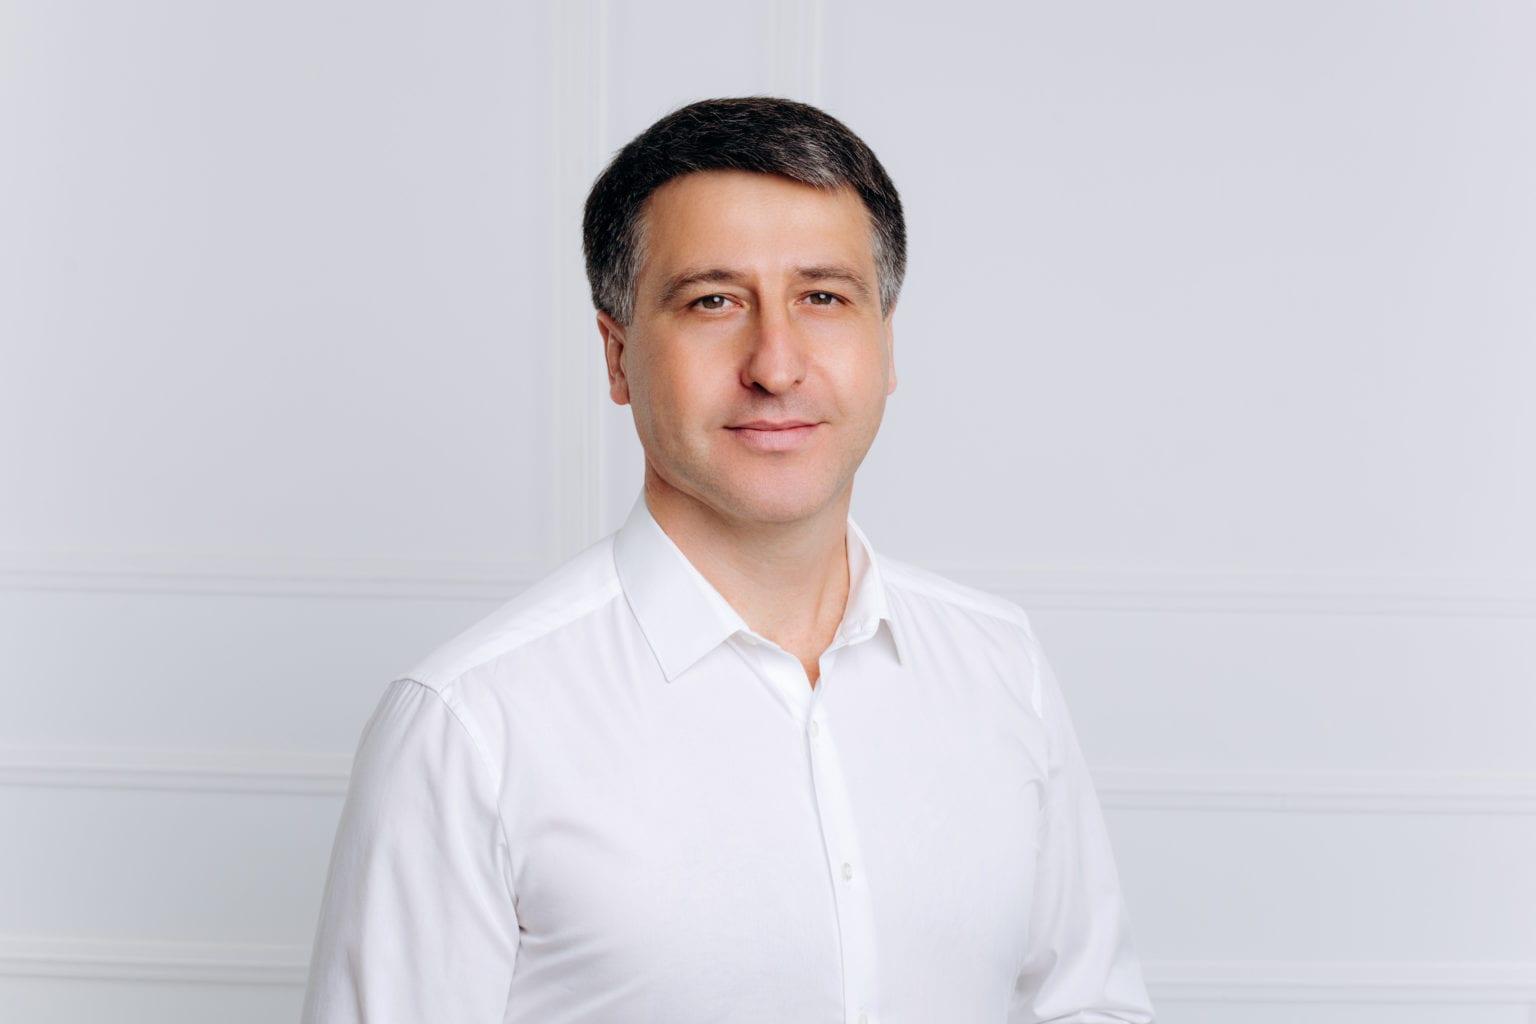 Мирослав Билецкий в ближайшее время будет представлен в качестве первого заместителя председателя Государственной администрации Закарпатской области.